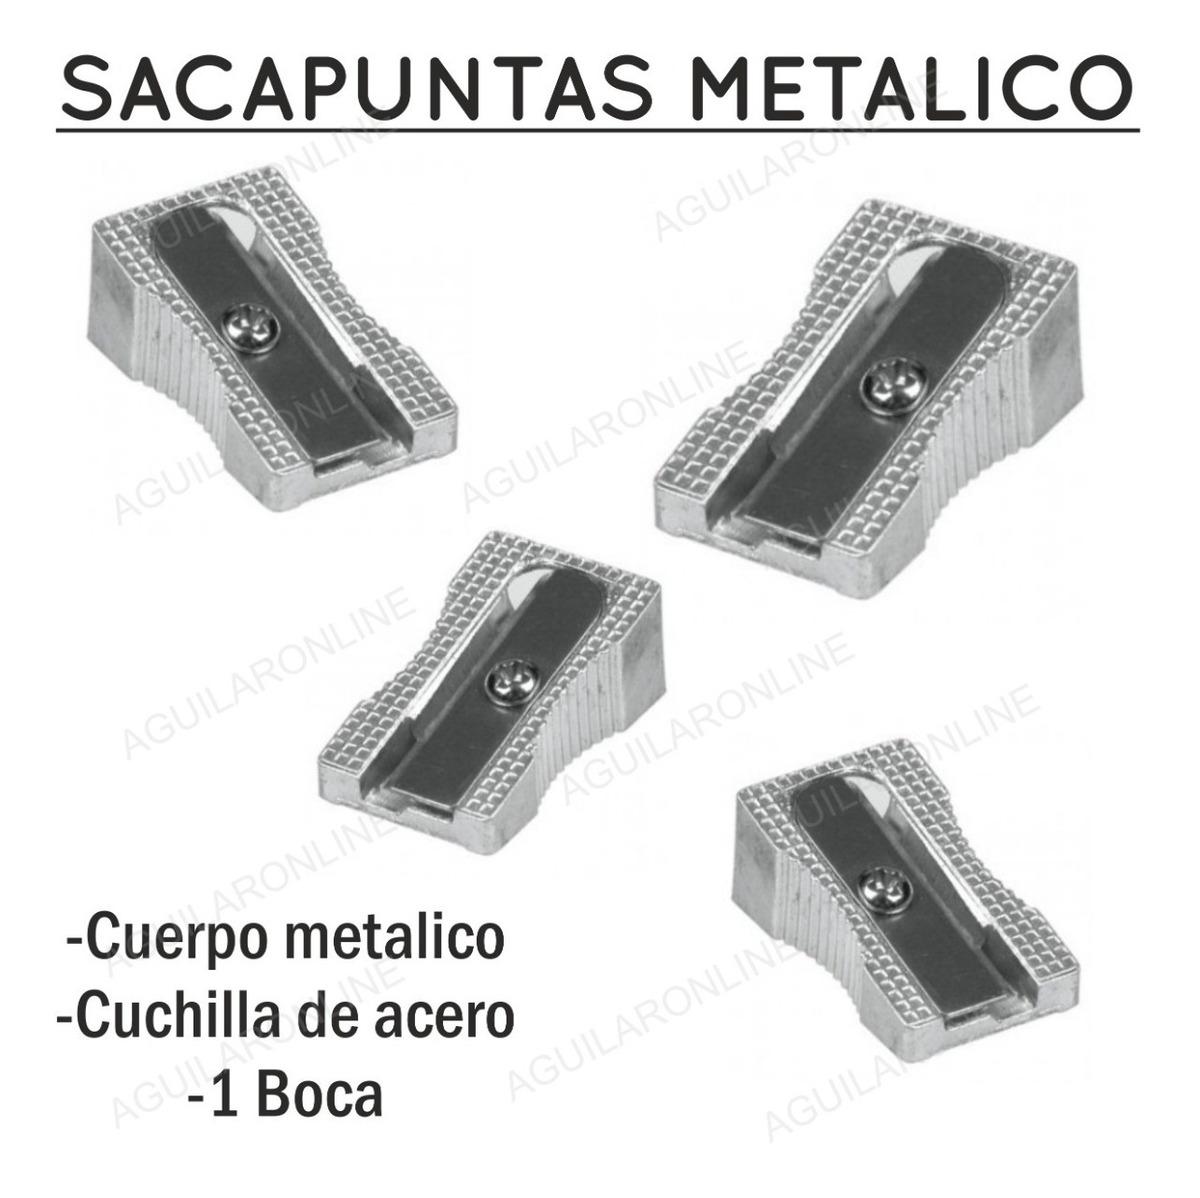 3 Sacapuntas Metálicos De Metal Con Cuchilla Acero - $ 66,00 en Mercado  Libre